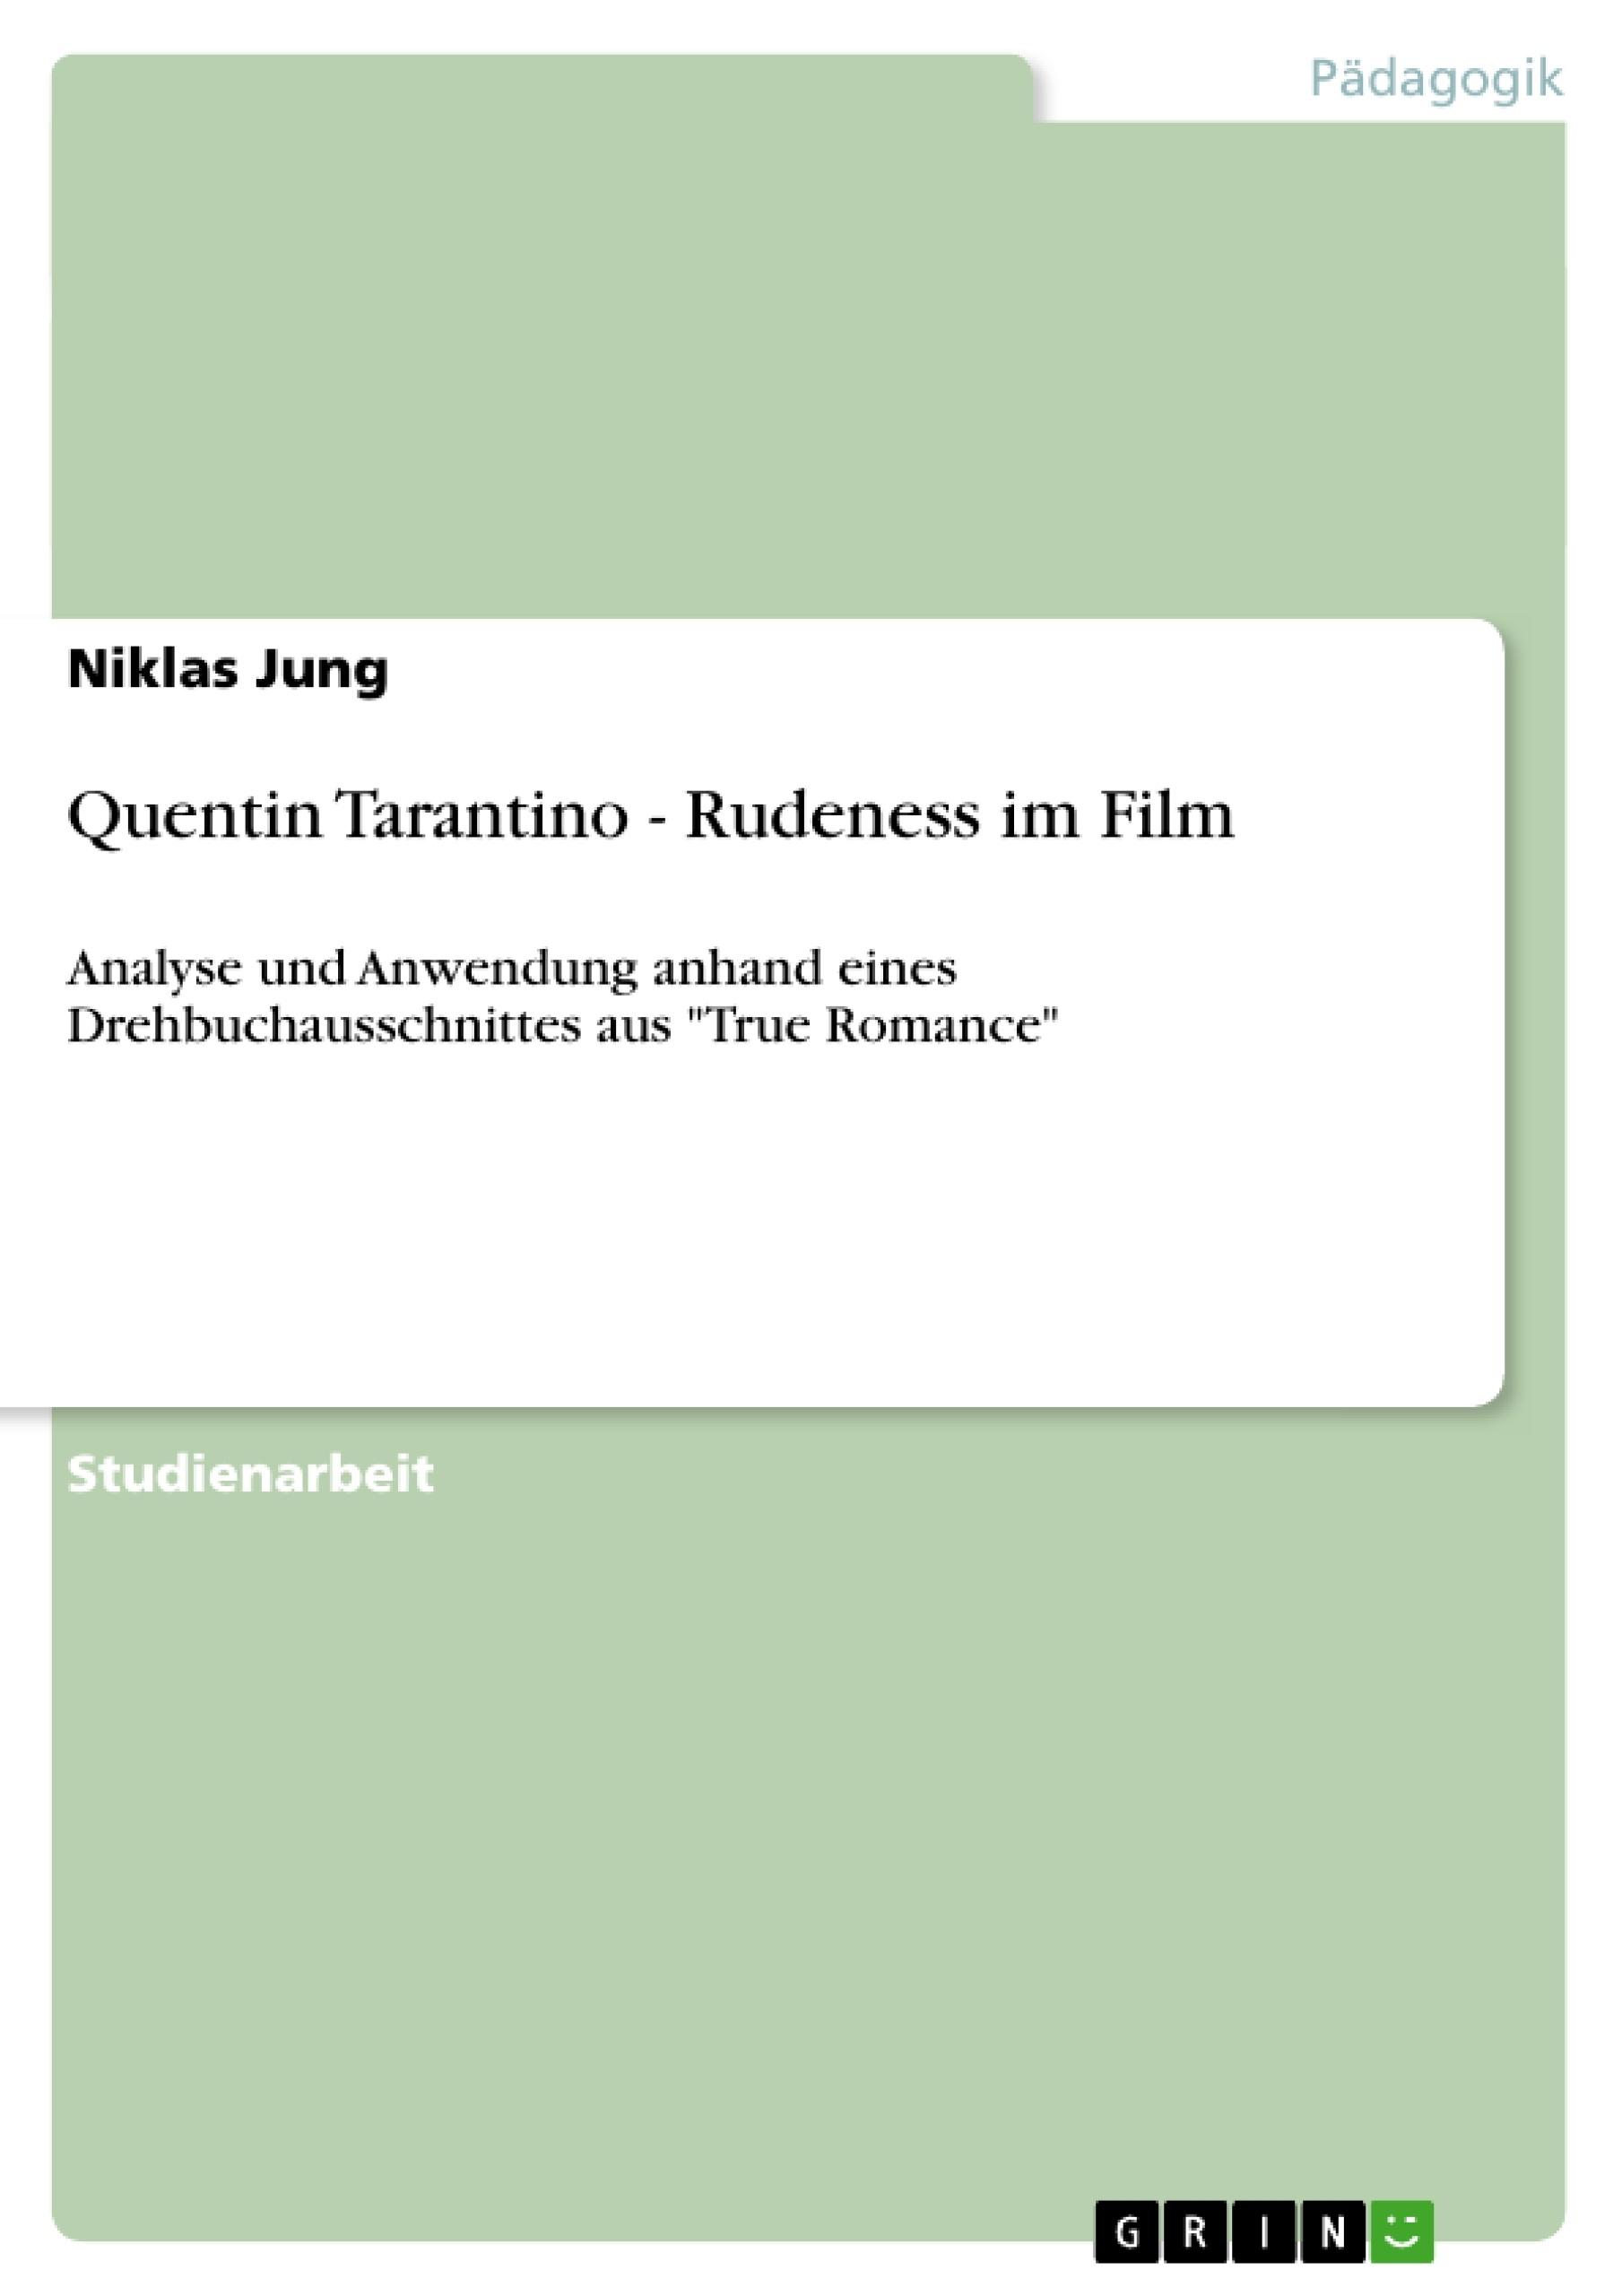 Titel:  Quentin Tarantino - Rudeness im Film